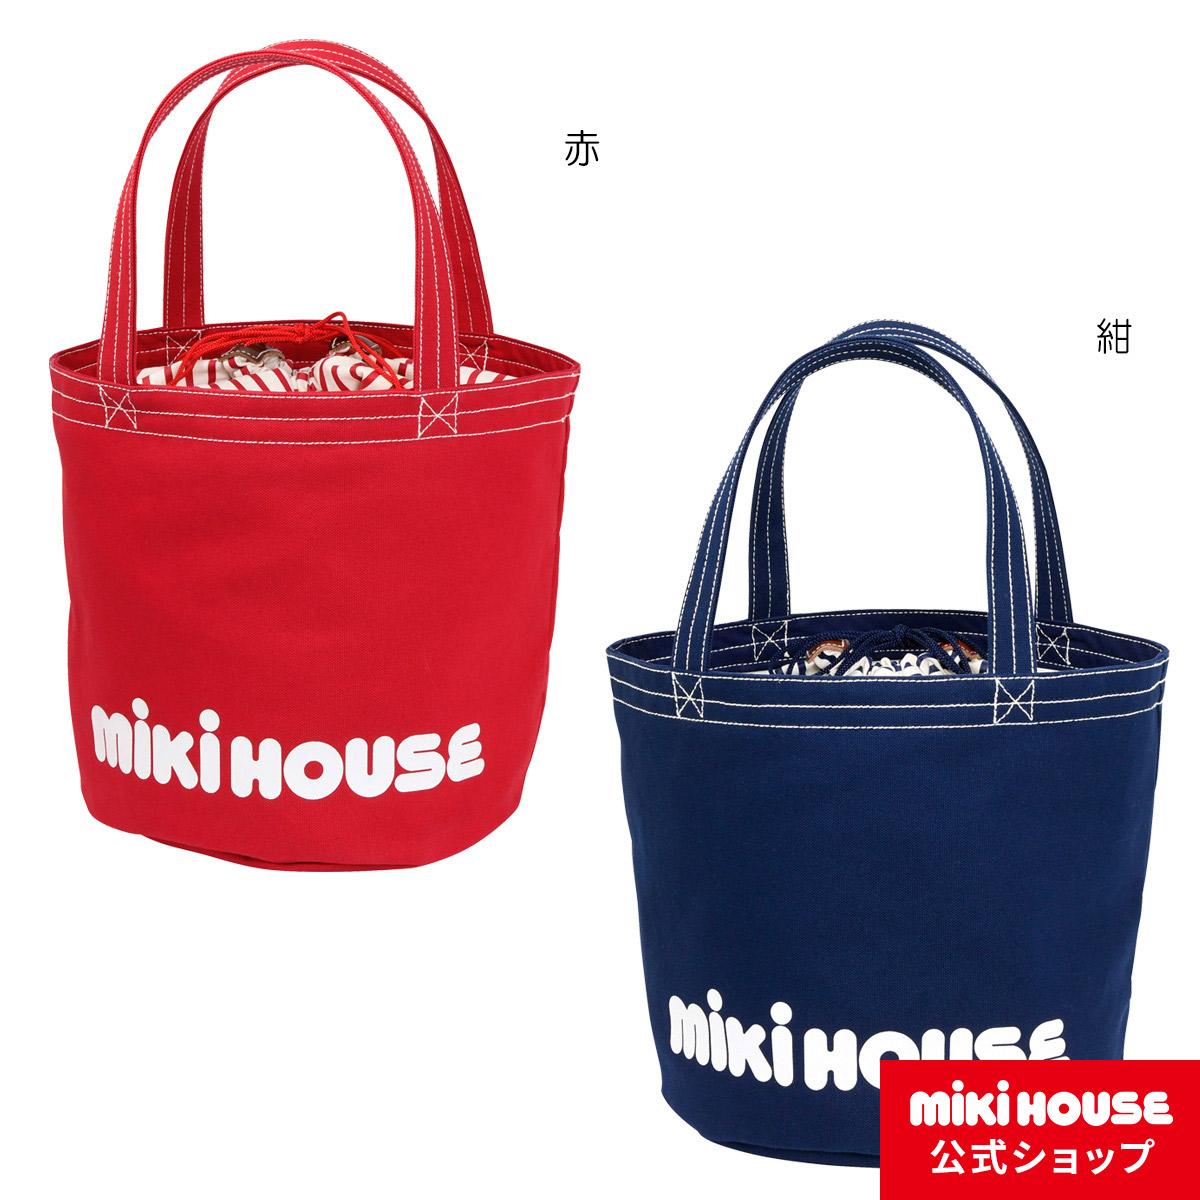 ミキハウス mikihouse バケツ型 ロゴトートバッグ